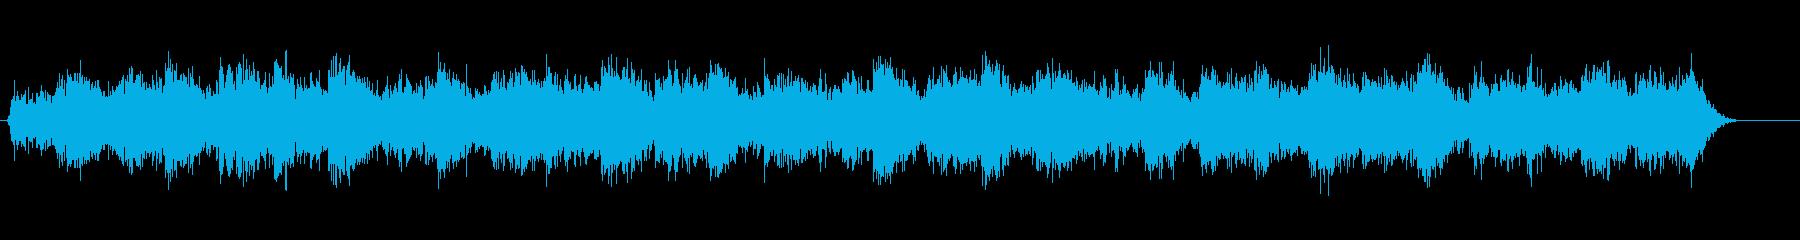 怨念、遺恨、怨恨、不気味、ホラー系の音3の再生済みの波形